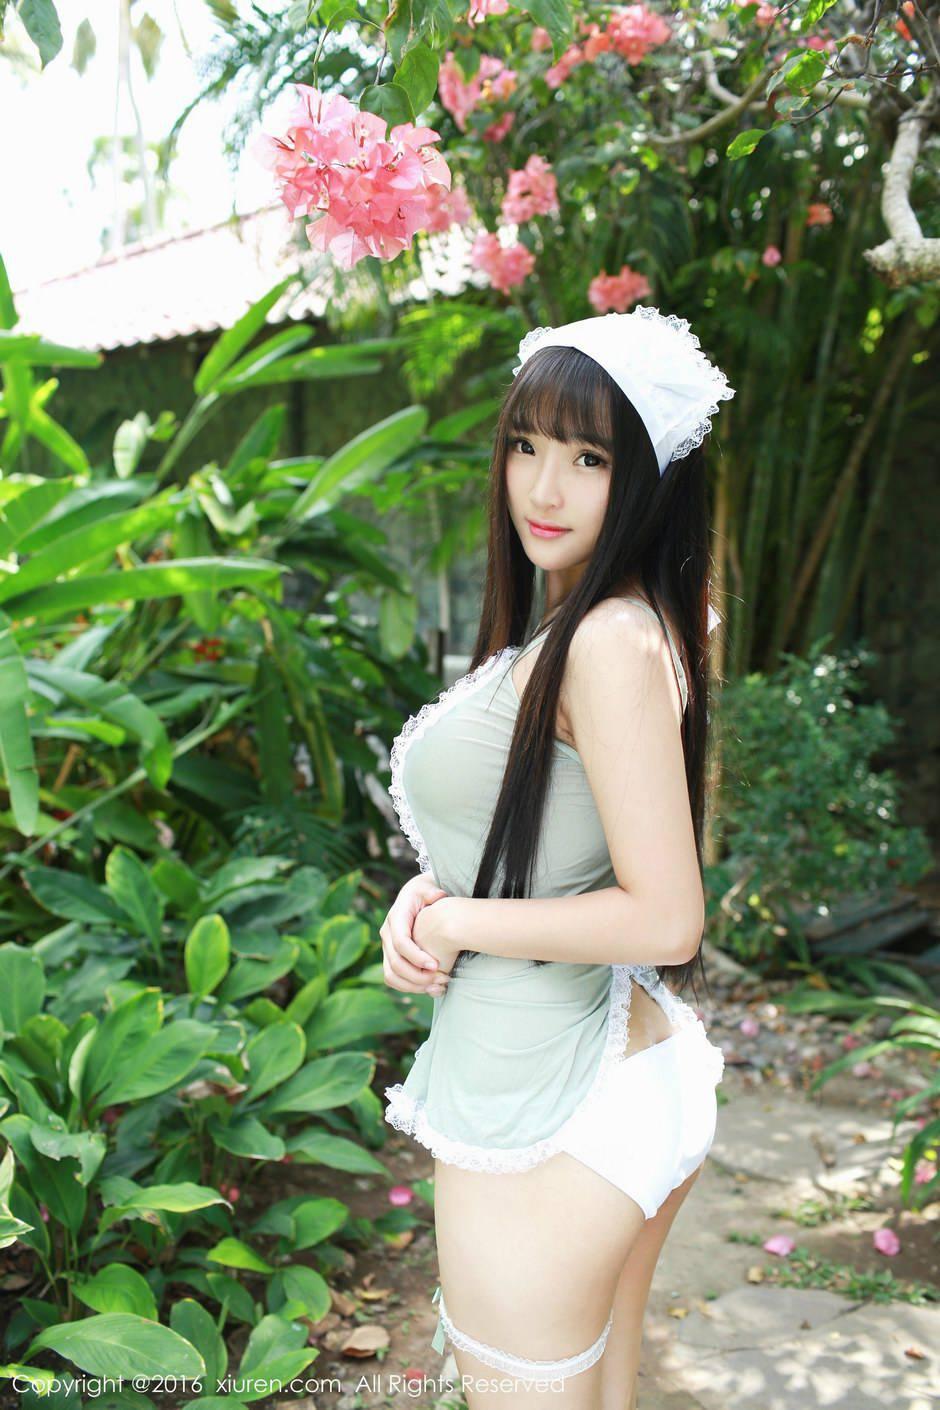 夏瑶写真图片_夏瑶baby靓丽迷人室外女仆写真_关注网图库